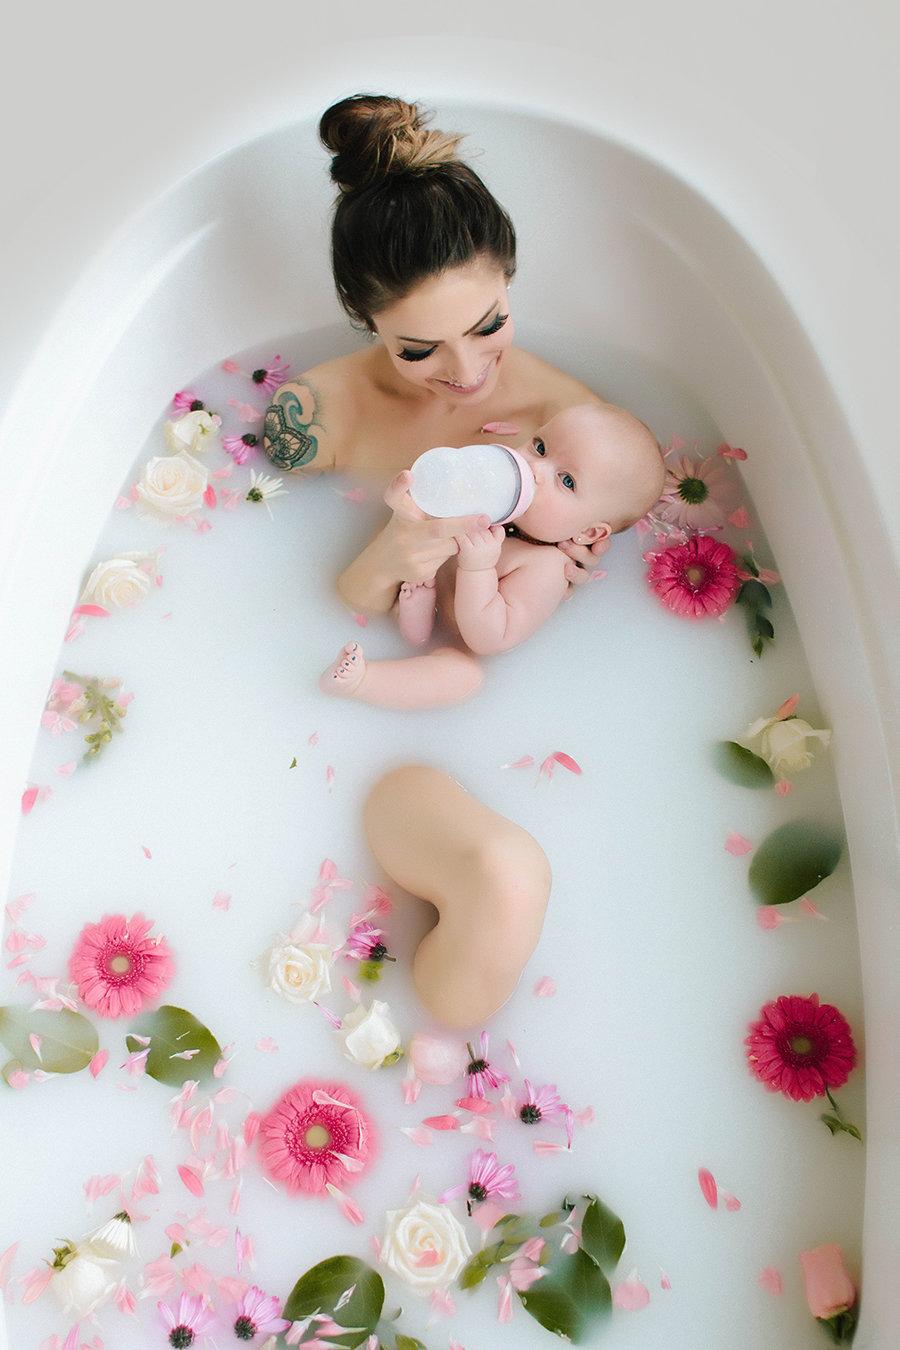 фотосессия в ванне с молоком фото